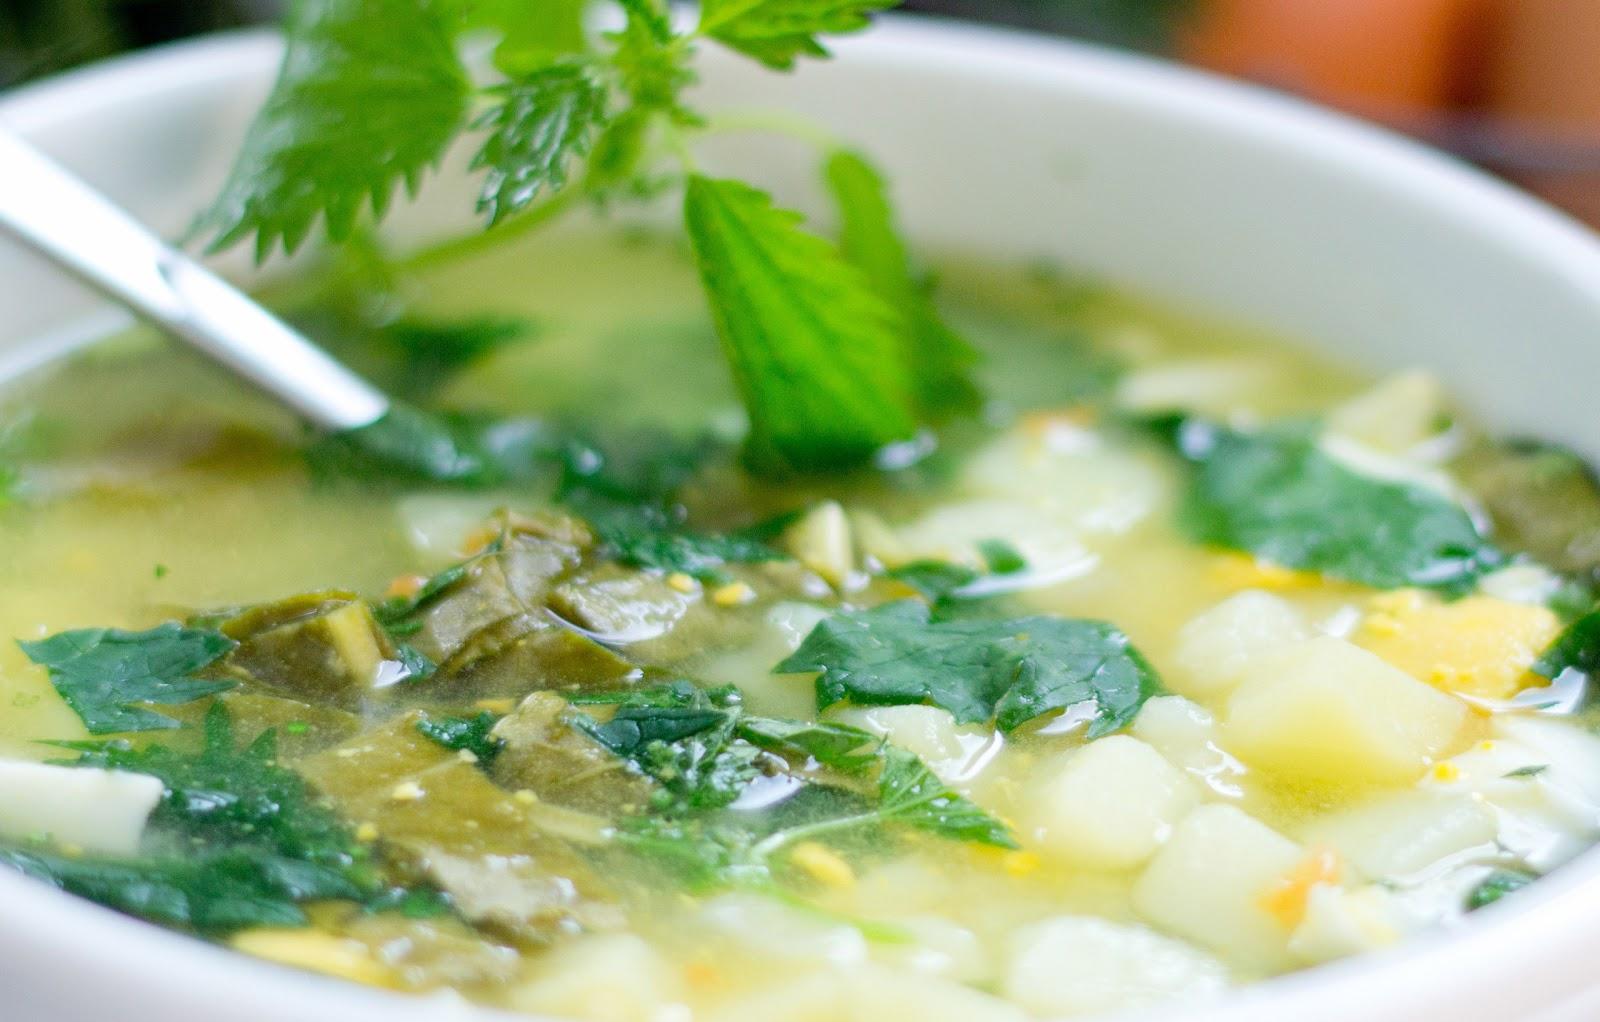 суп из крапивы рецепт с фото пошагово округлившийся животик она